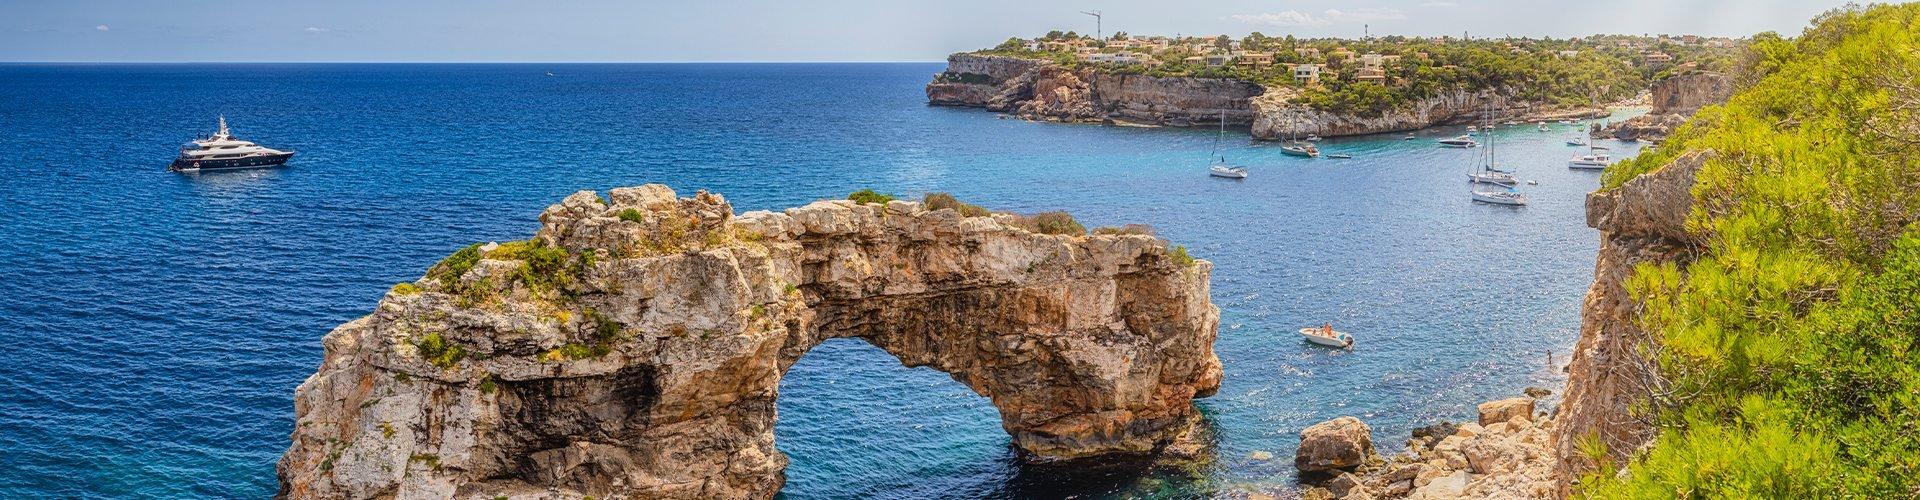 Familienurlaub auf den Balearen